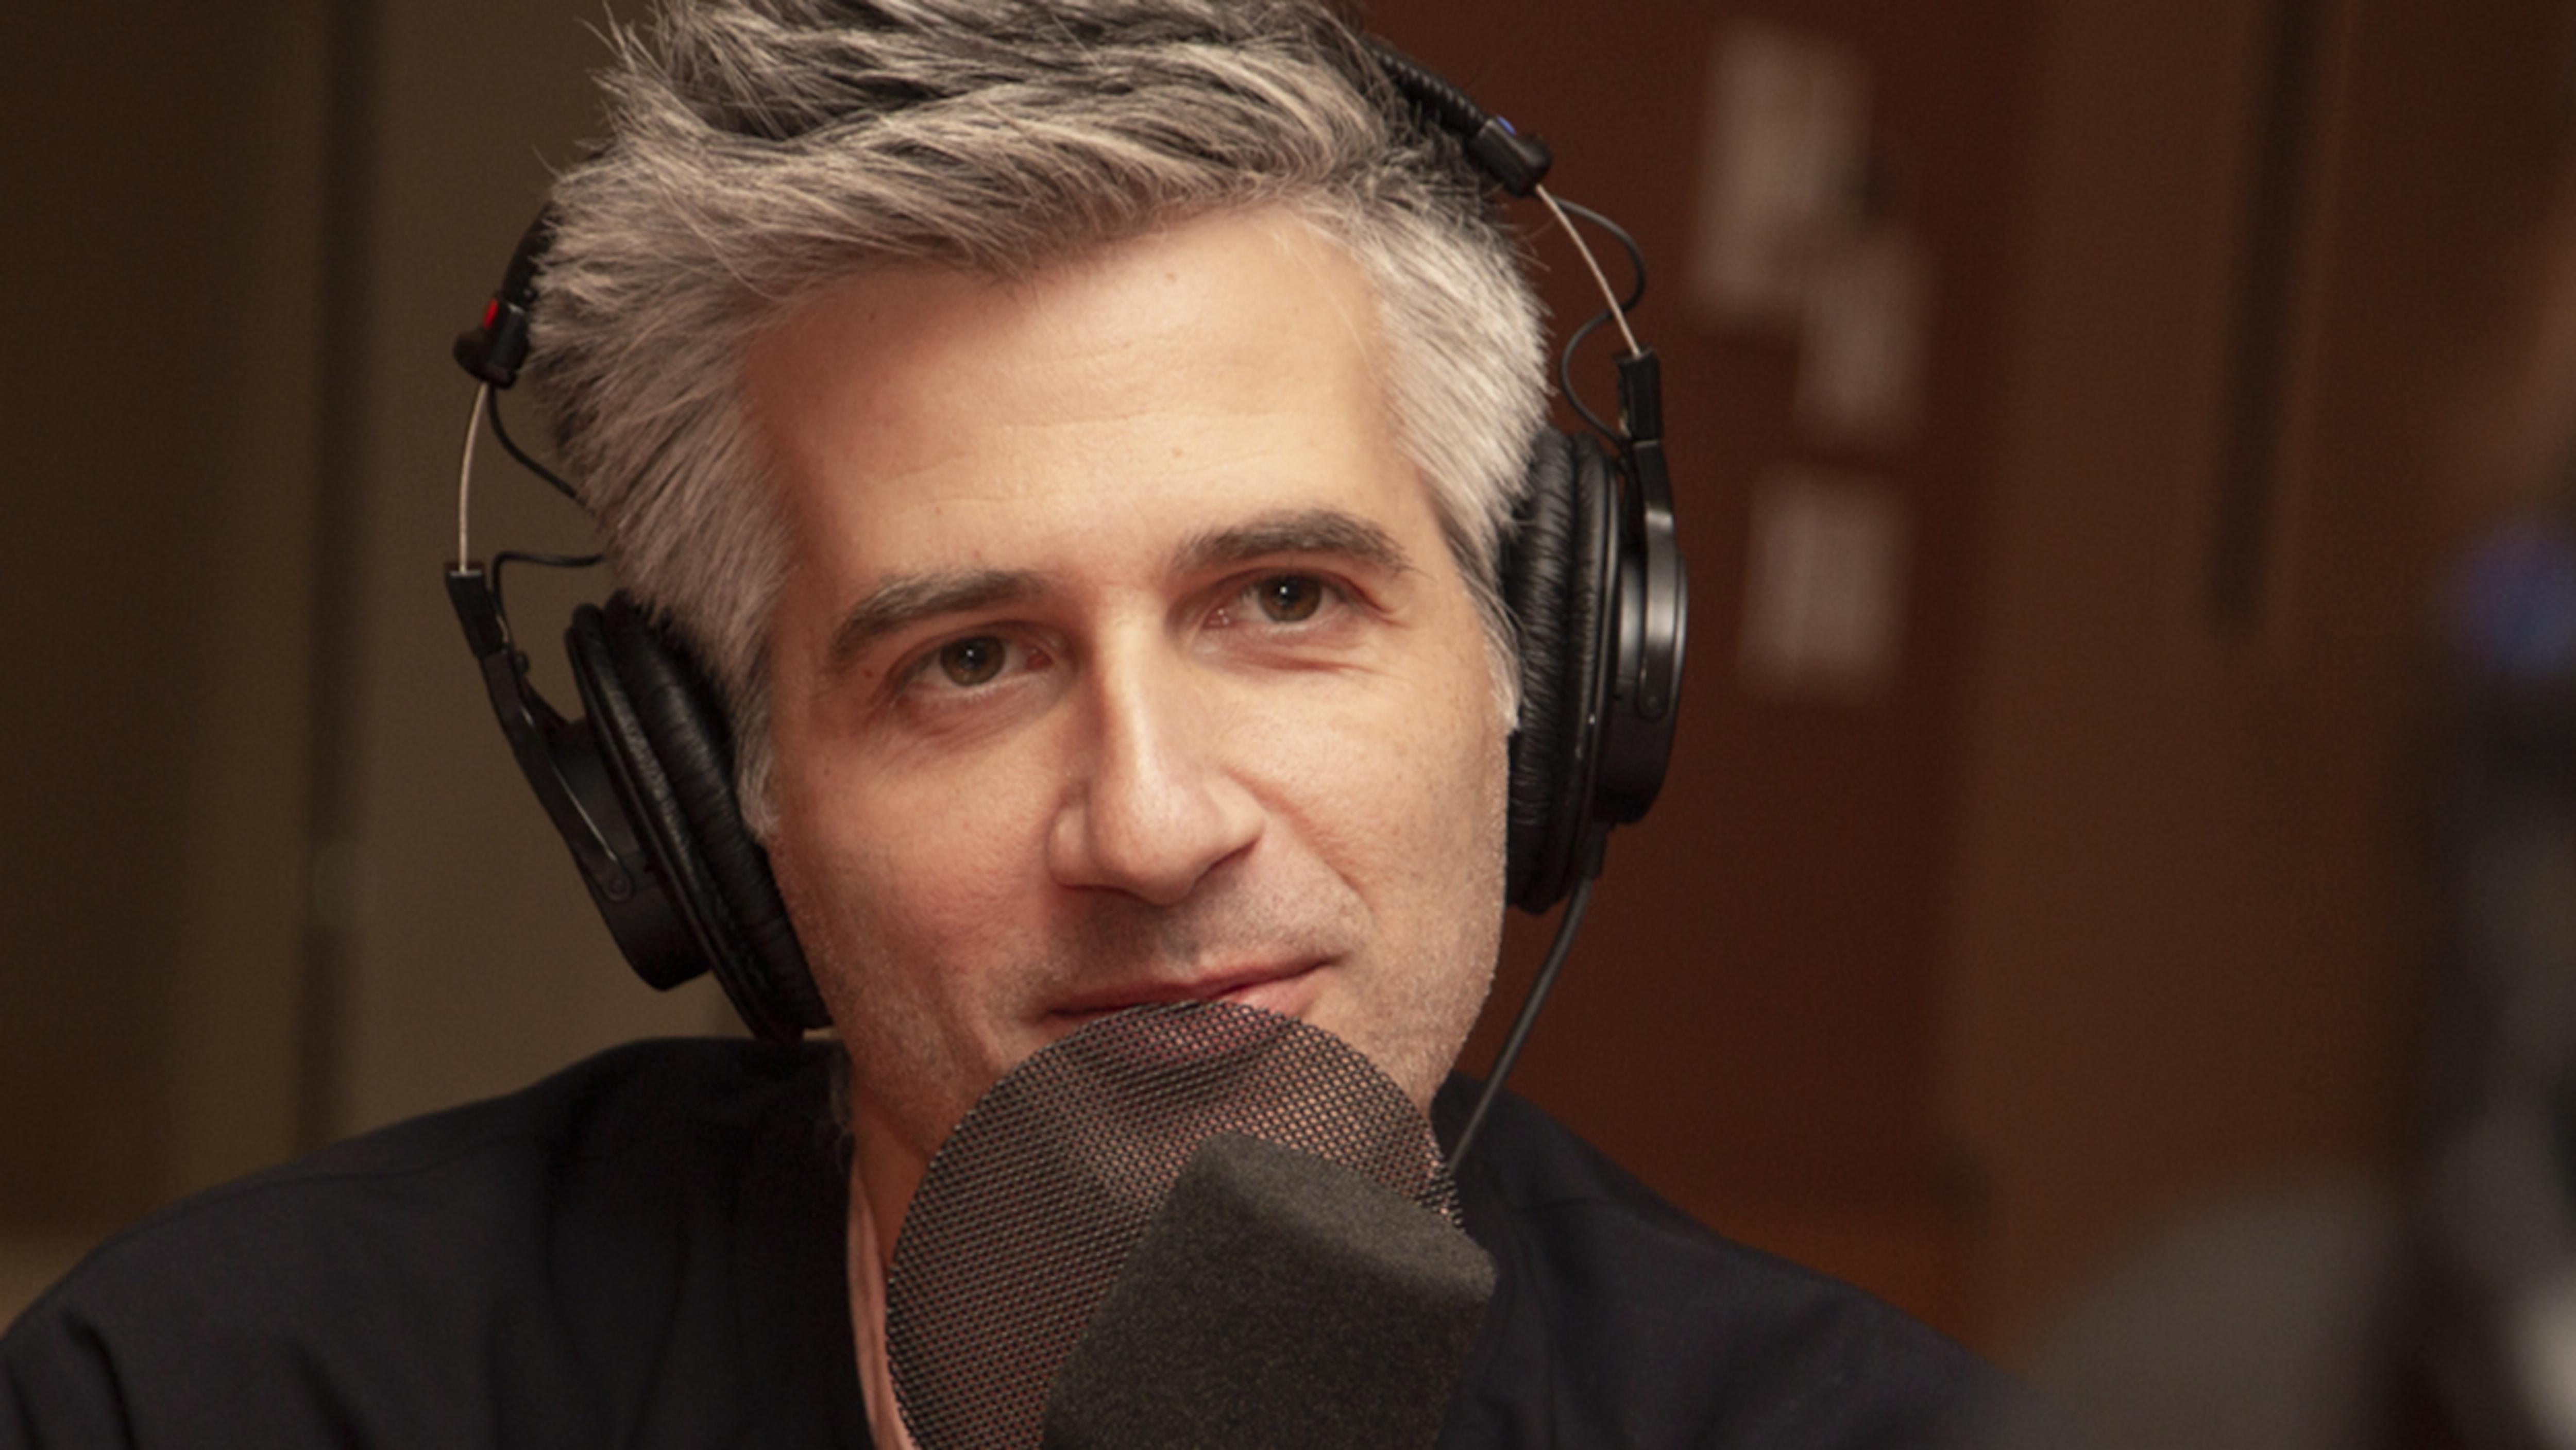 Olivier Niquet en entrevue au studio 18 de Radio-Canada, à Montréal le 24 septembre 2018.